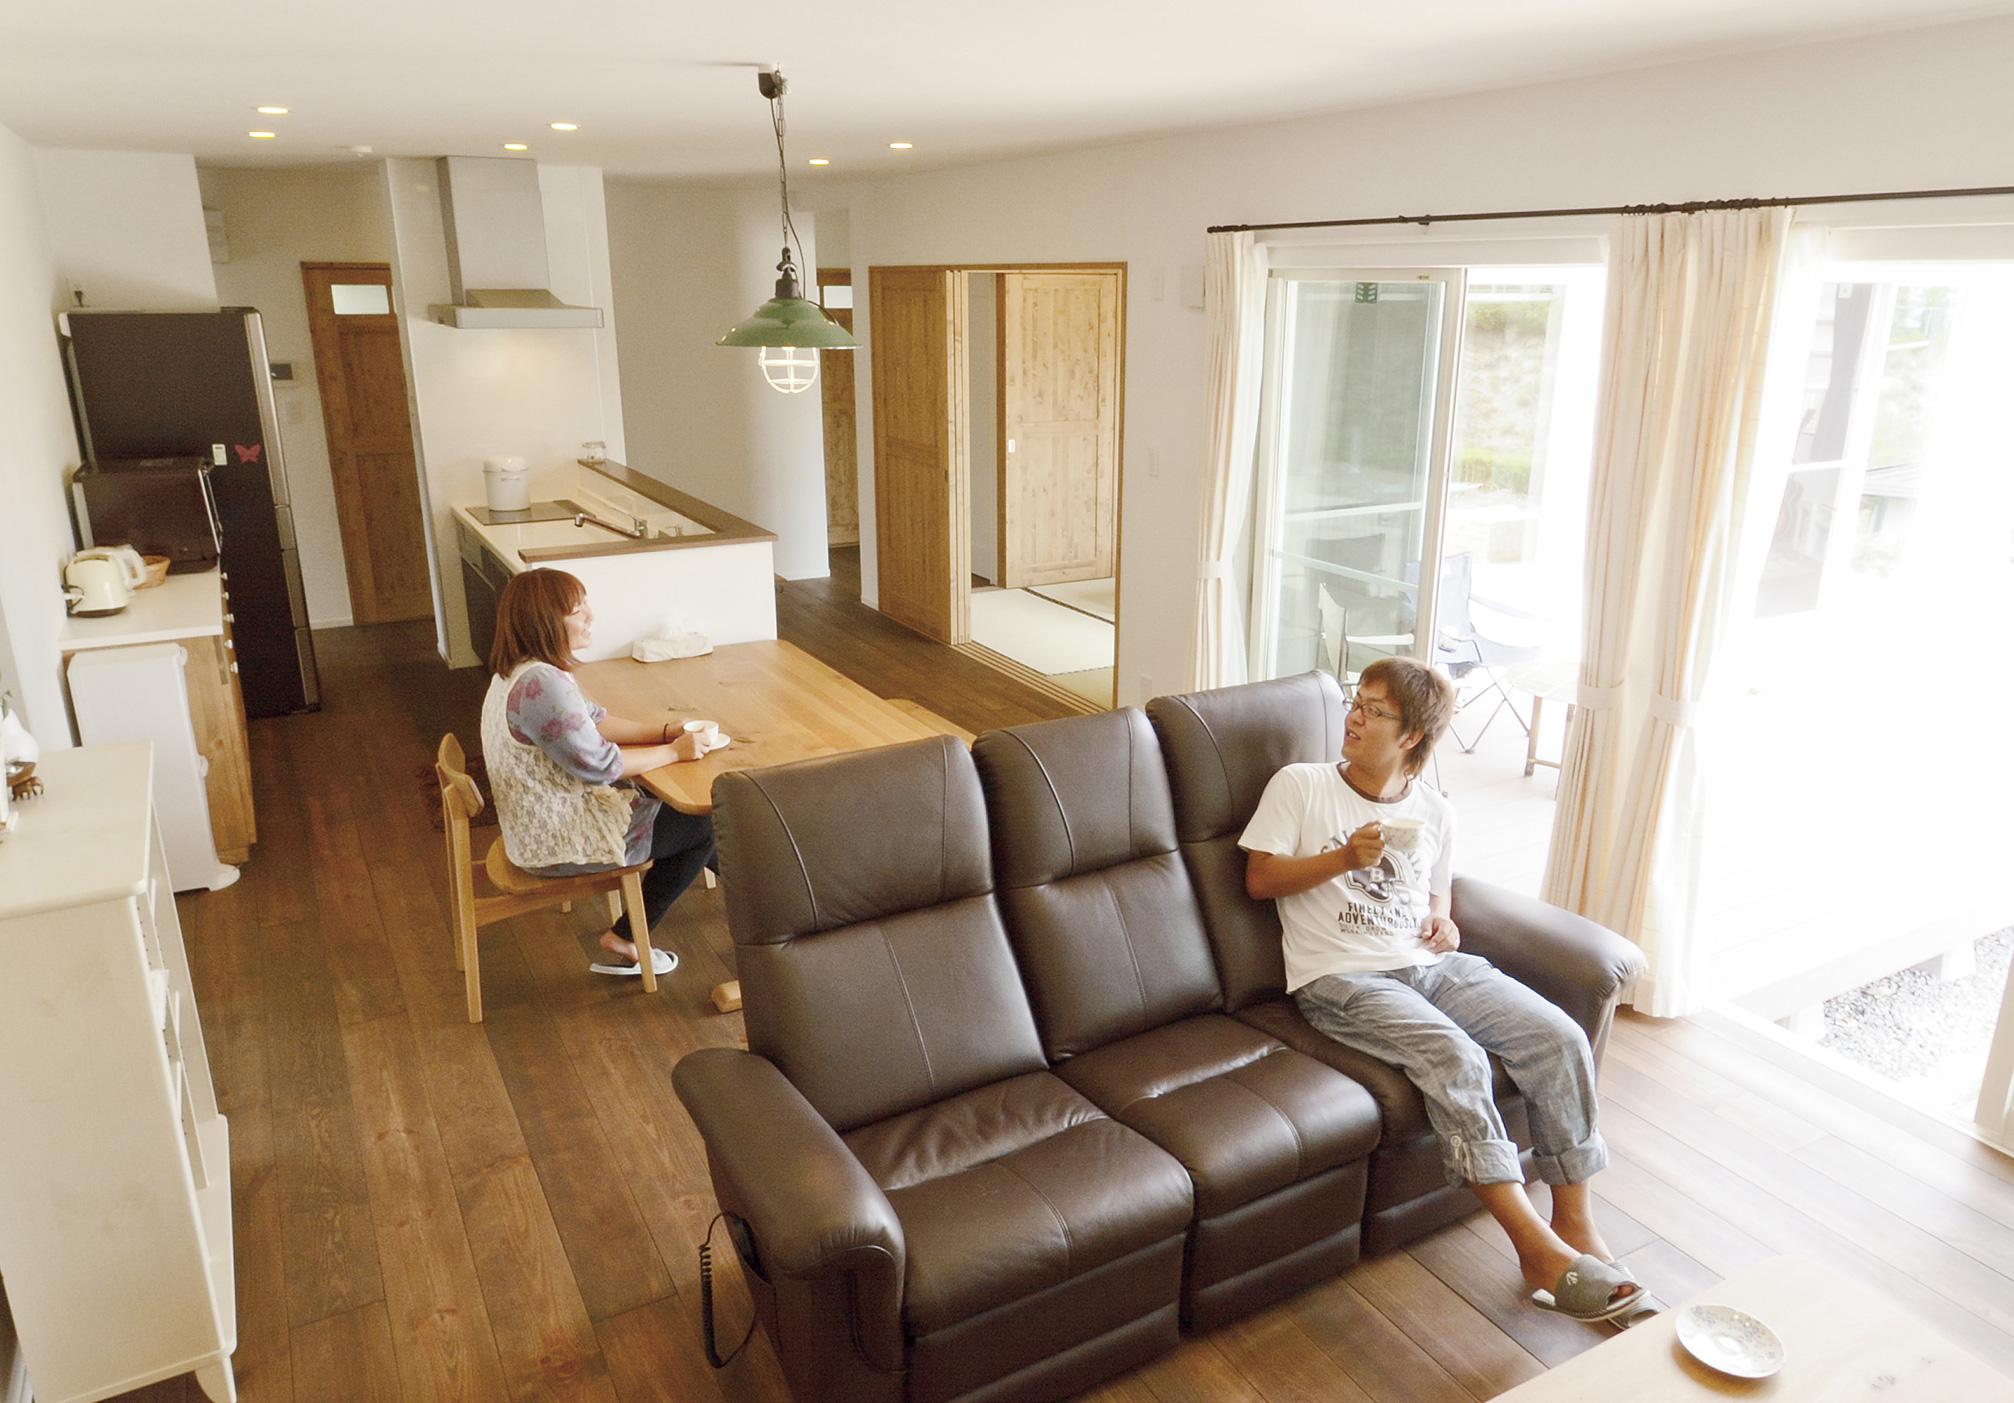 壁には珪藻土、床にはパイン無垢材を採用するなど、体に優しい自然素材に囲まれたリビング・ダイニング・キッチン。Nさんが希望した通りのゆったりとした住空間が広がっている